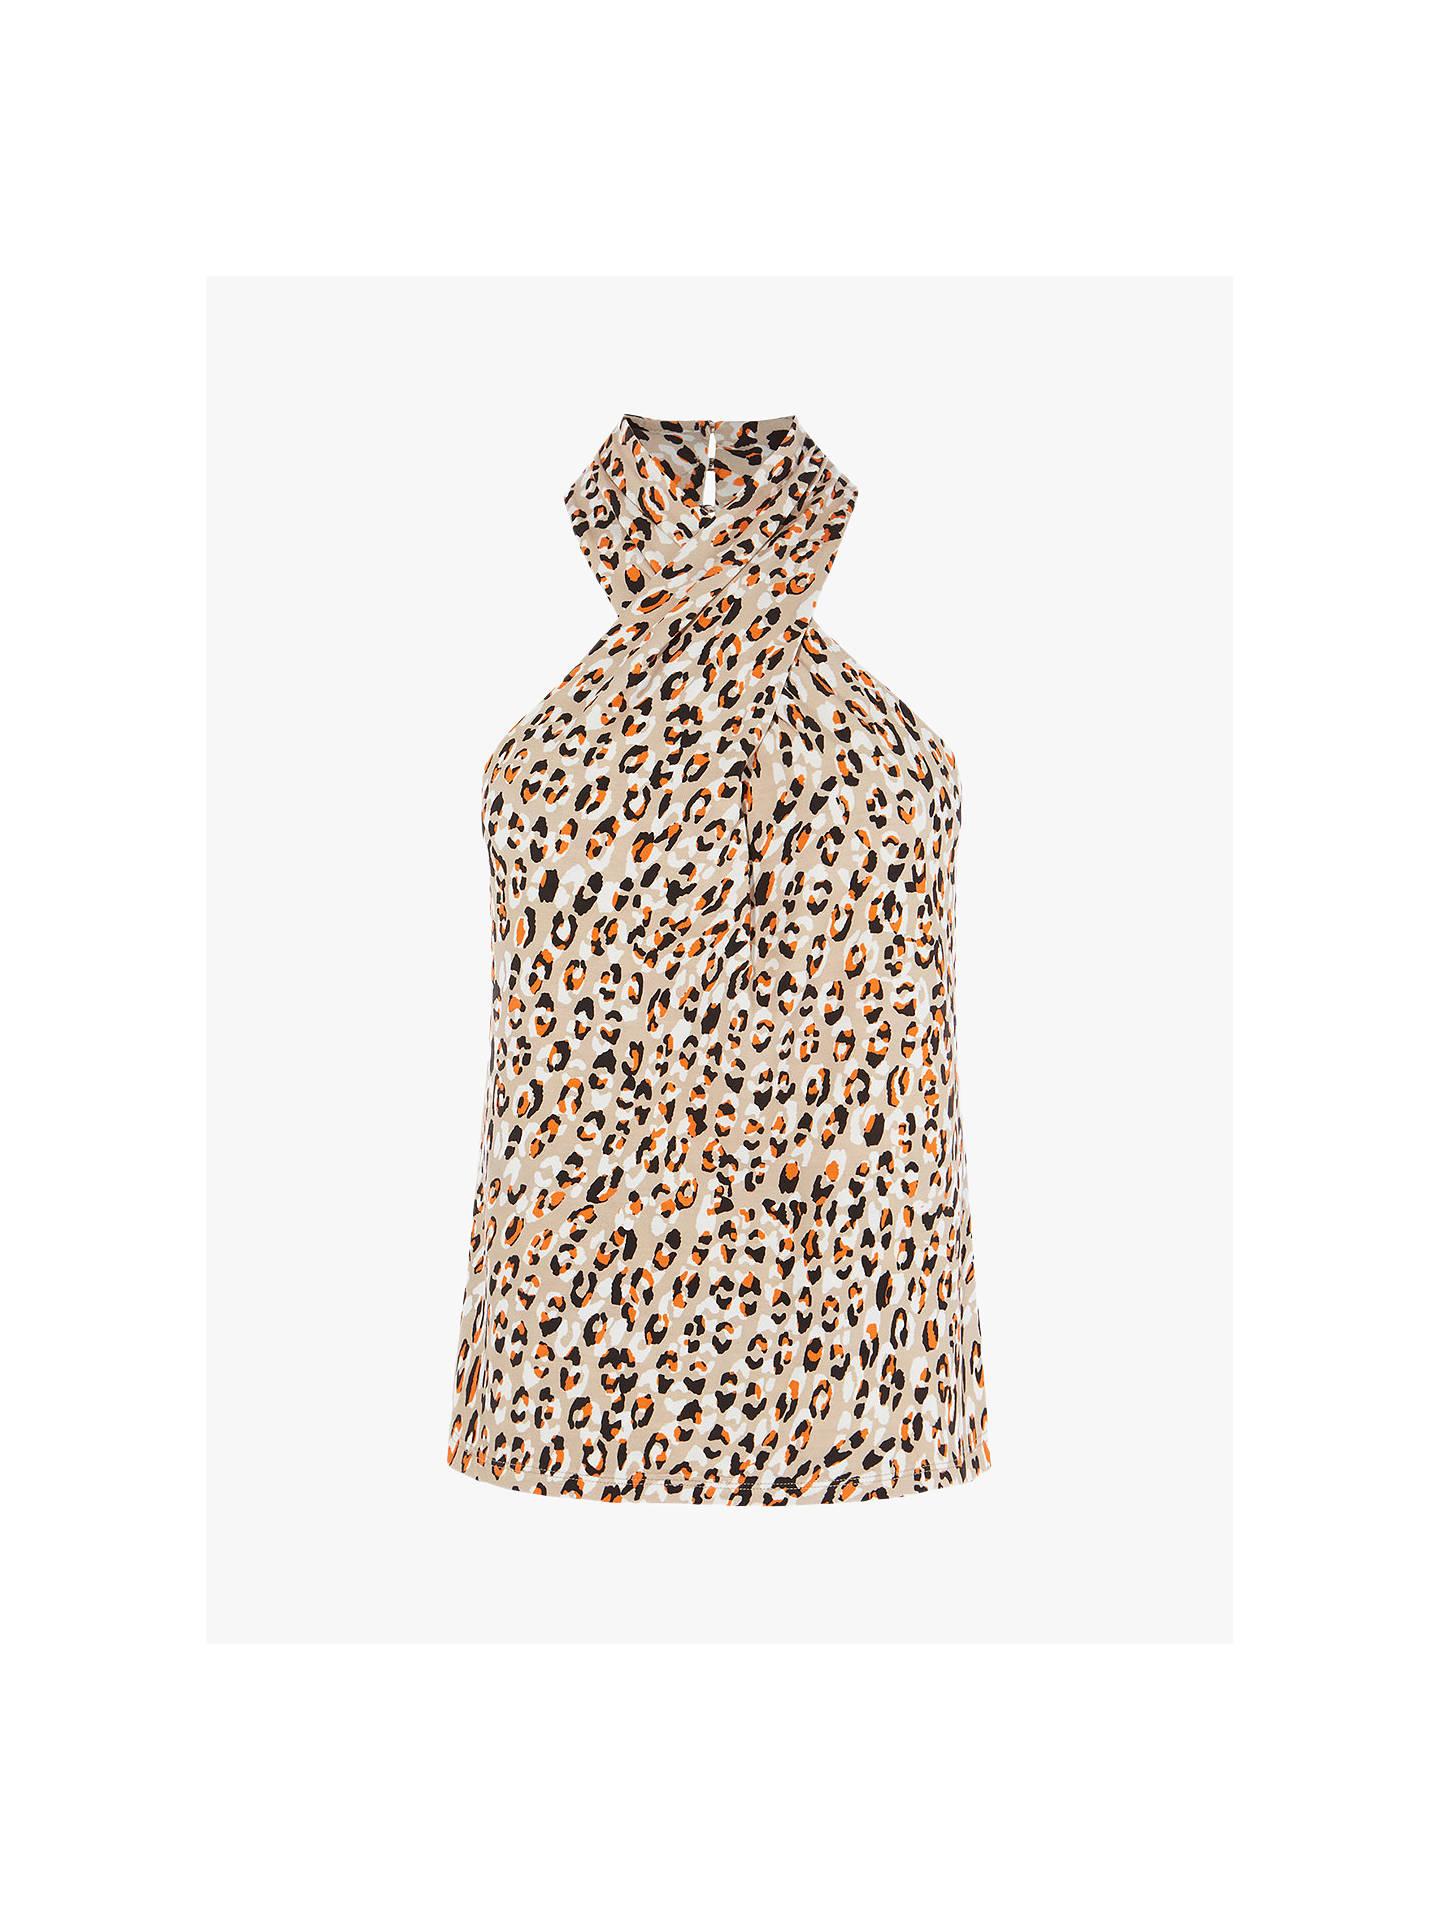 418107d0767 Buy Karen Millen Leopard Print Halterneck Top, Multi, 8 Online at  johnlewis.com